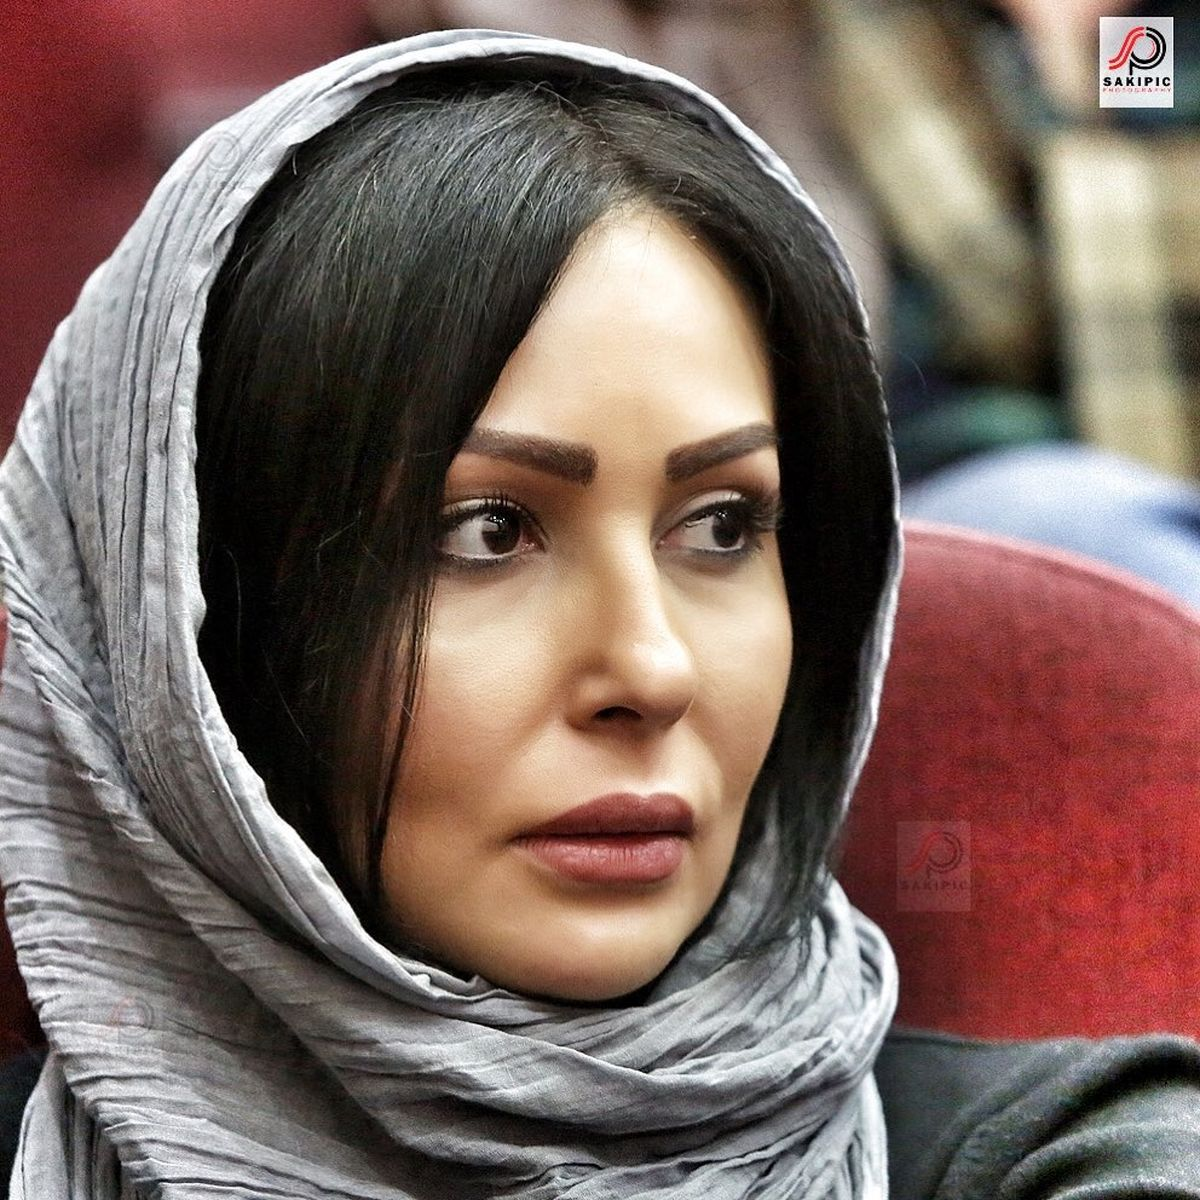 پرستو صالحی کنار خواننده ممنوعه بعد از رفتن   عکس دیده نشده